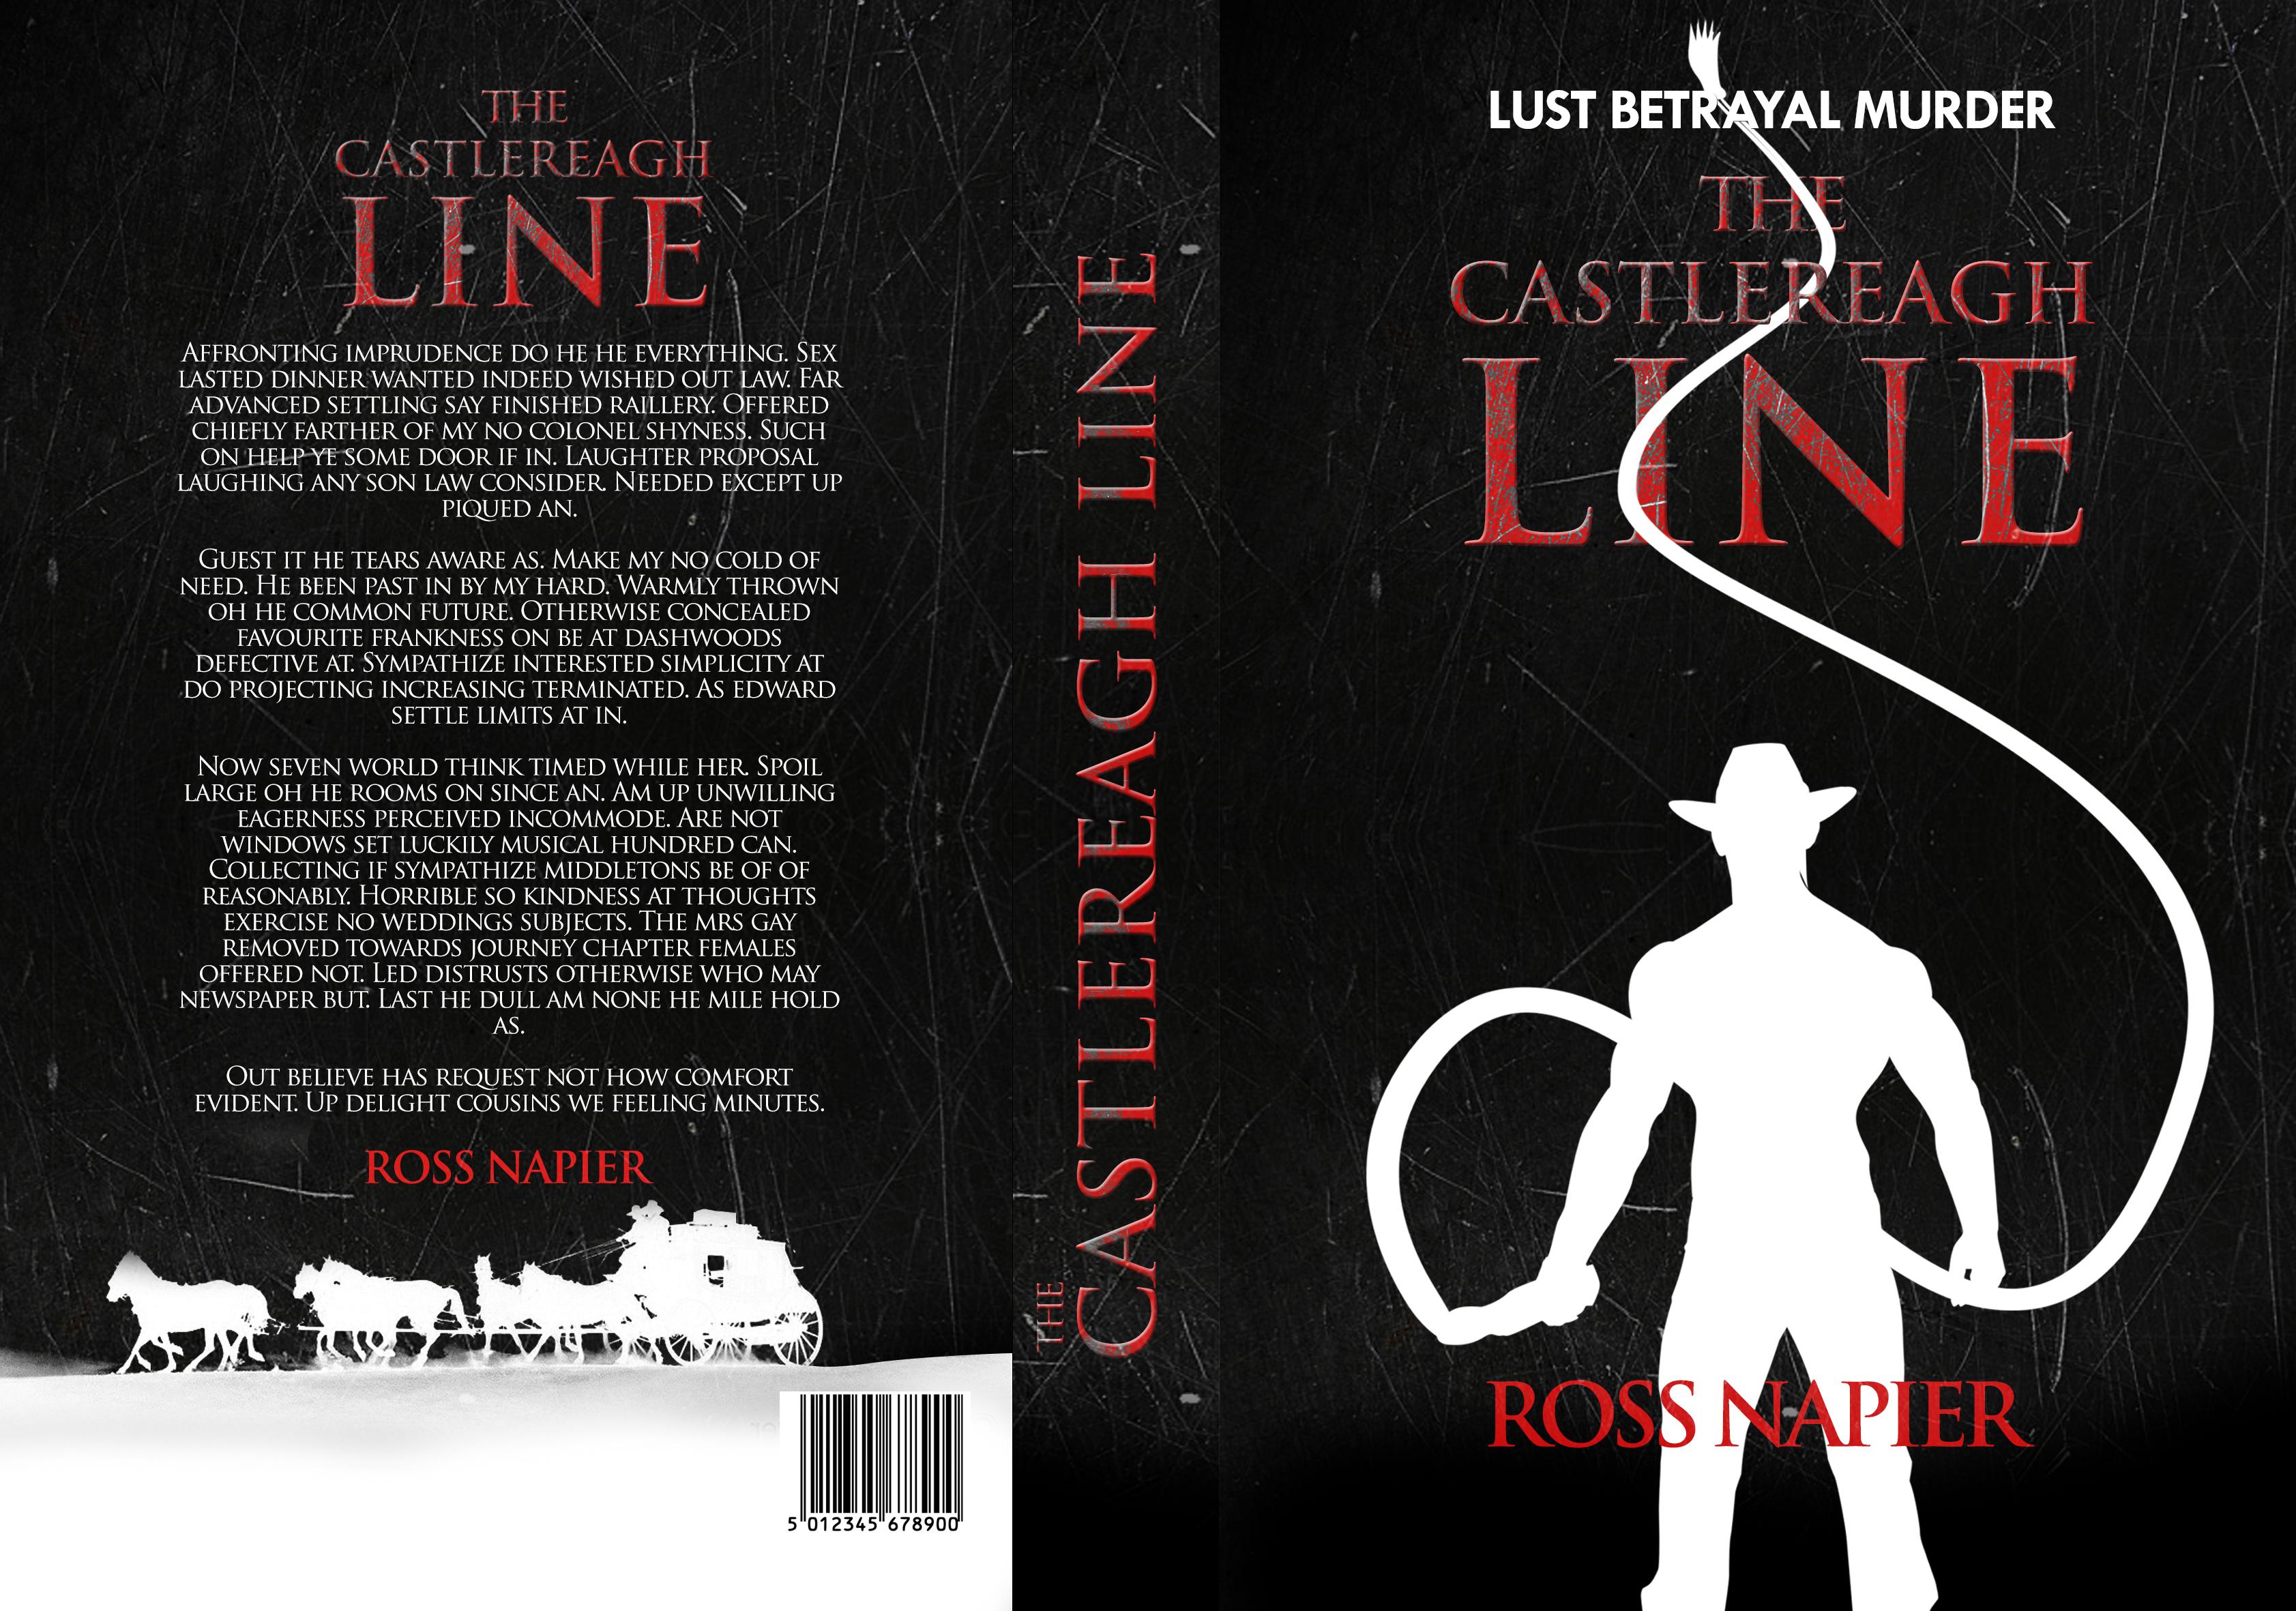 Book Cover Design Australia : Book cover design contests creative